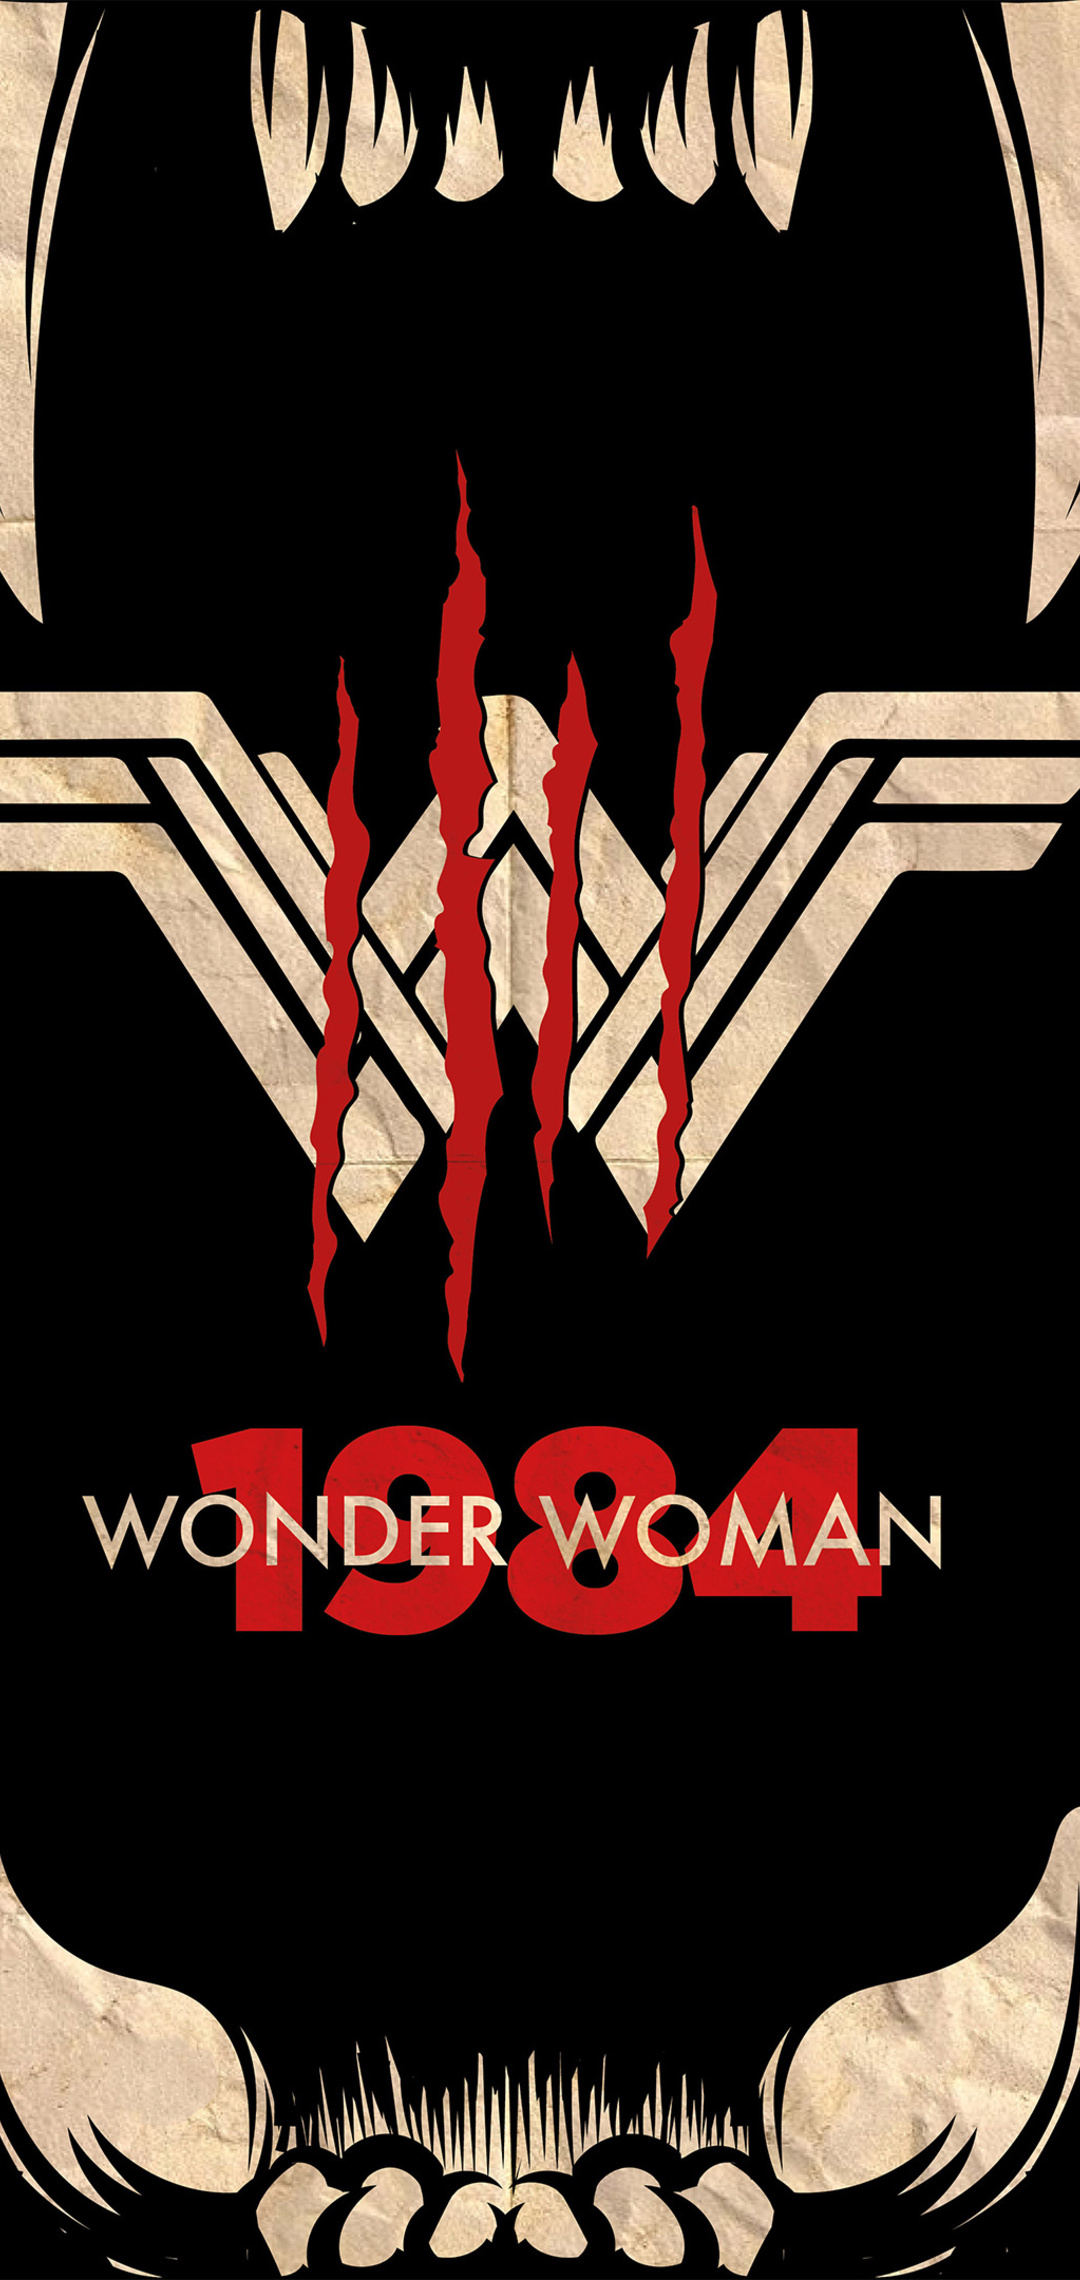 wonder-woman-1984-movie-poster-r5.jpg